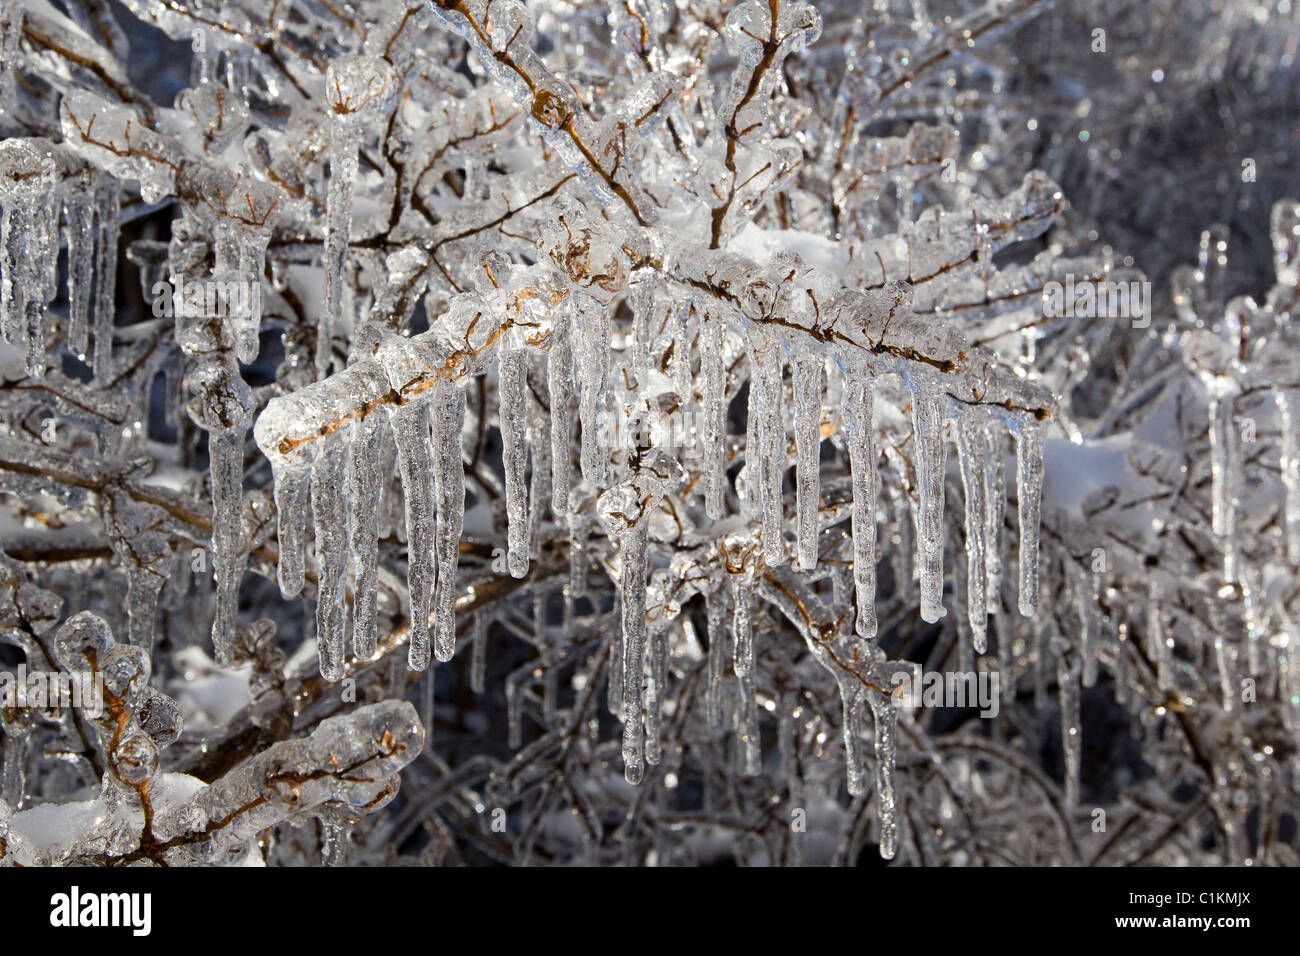 Les branches d'arbres recouvertes de glace et de glaçons après la tempête de l'hiver Photo Stock